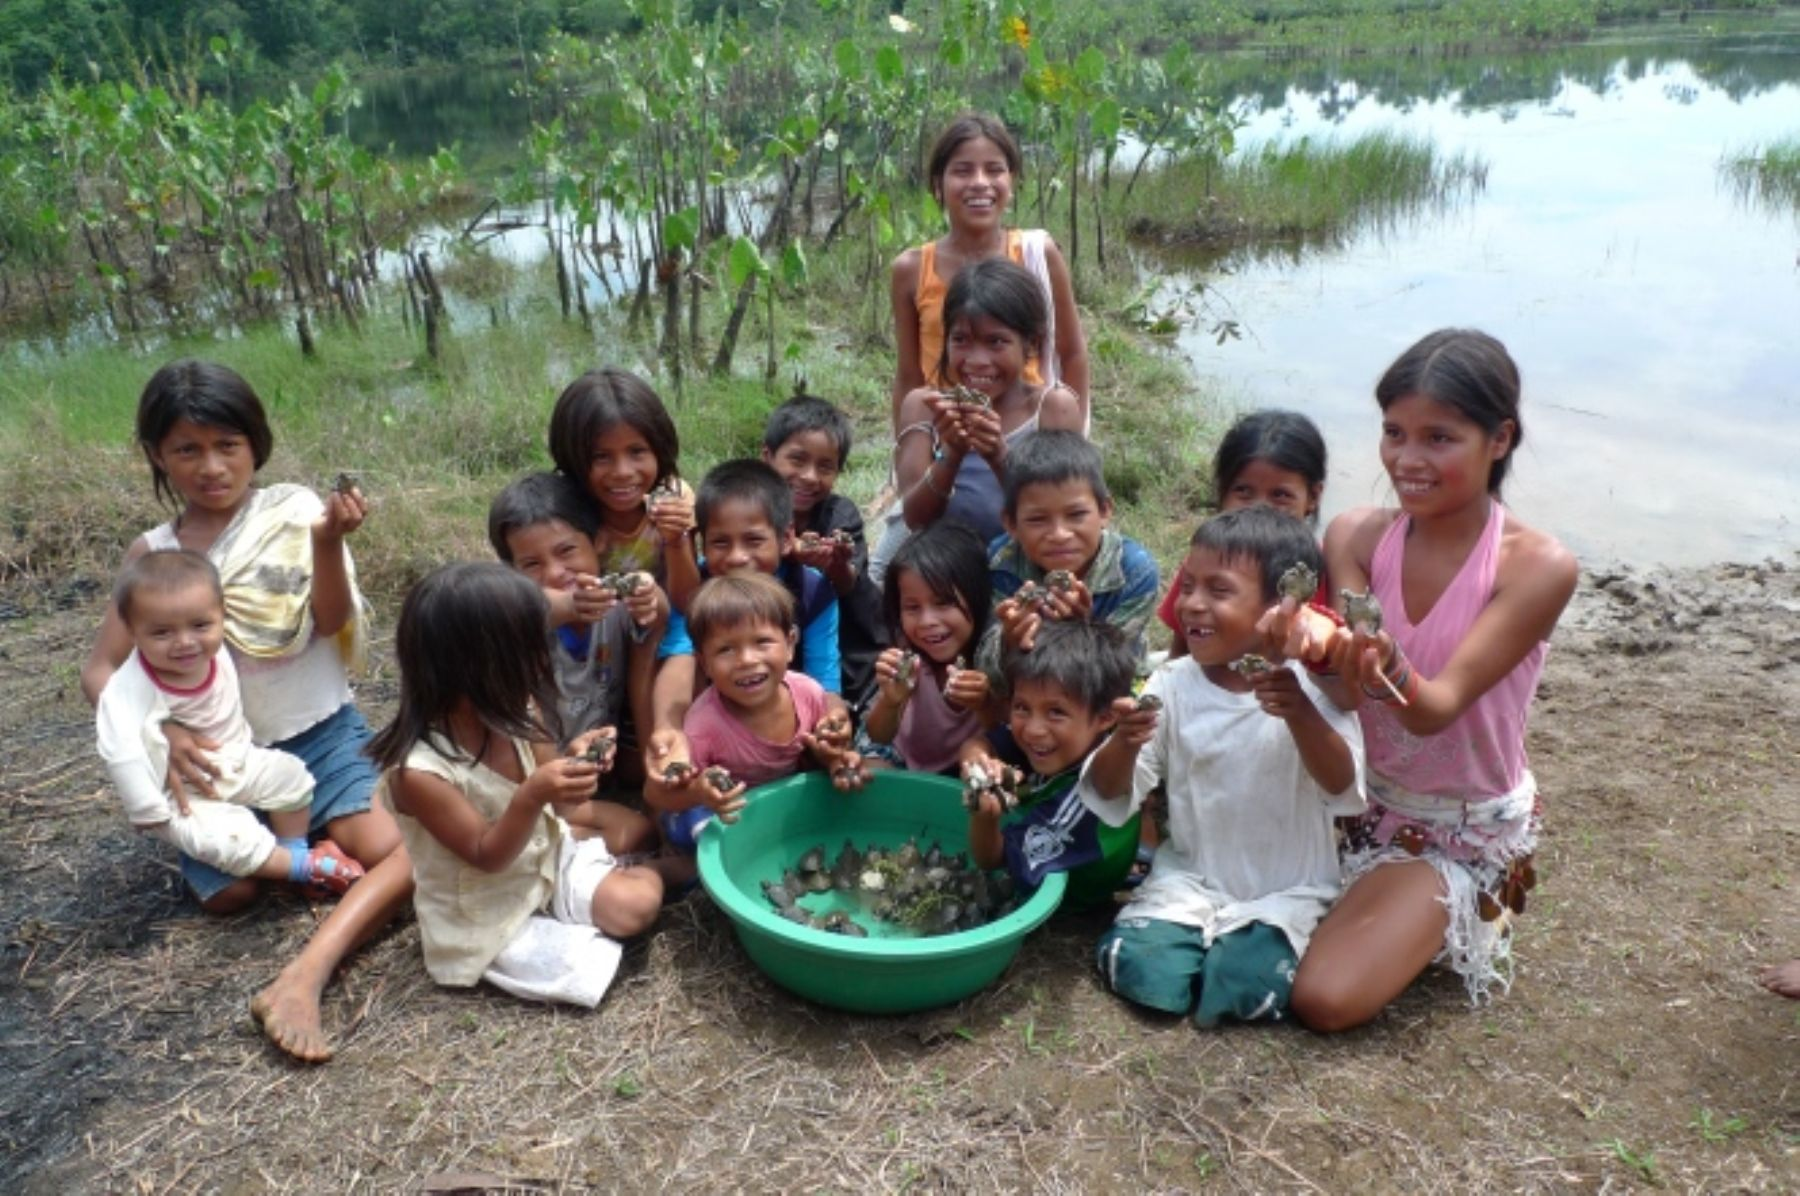 La crianza y venta de taricayas se ha convertido en una fuente de ingresos de las comunidades que habitan en la reserva Pacaya Samiria, en Loreto.